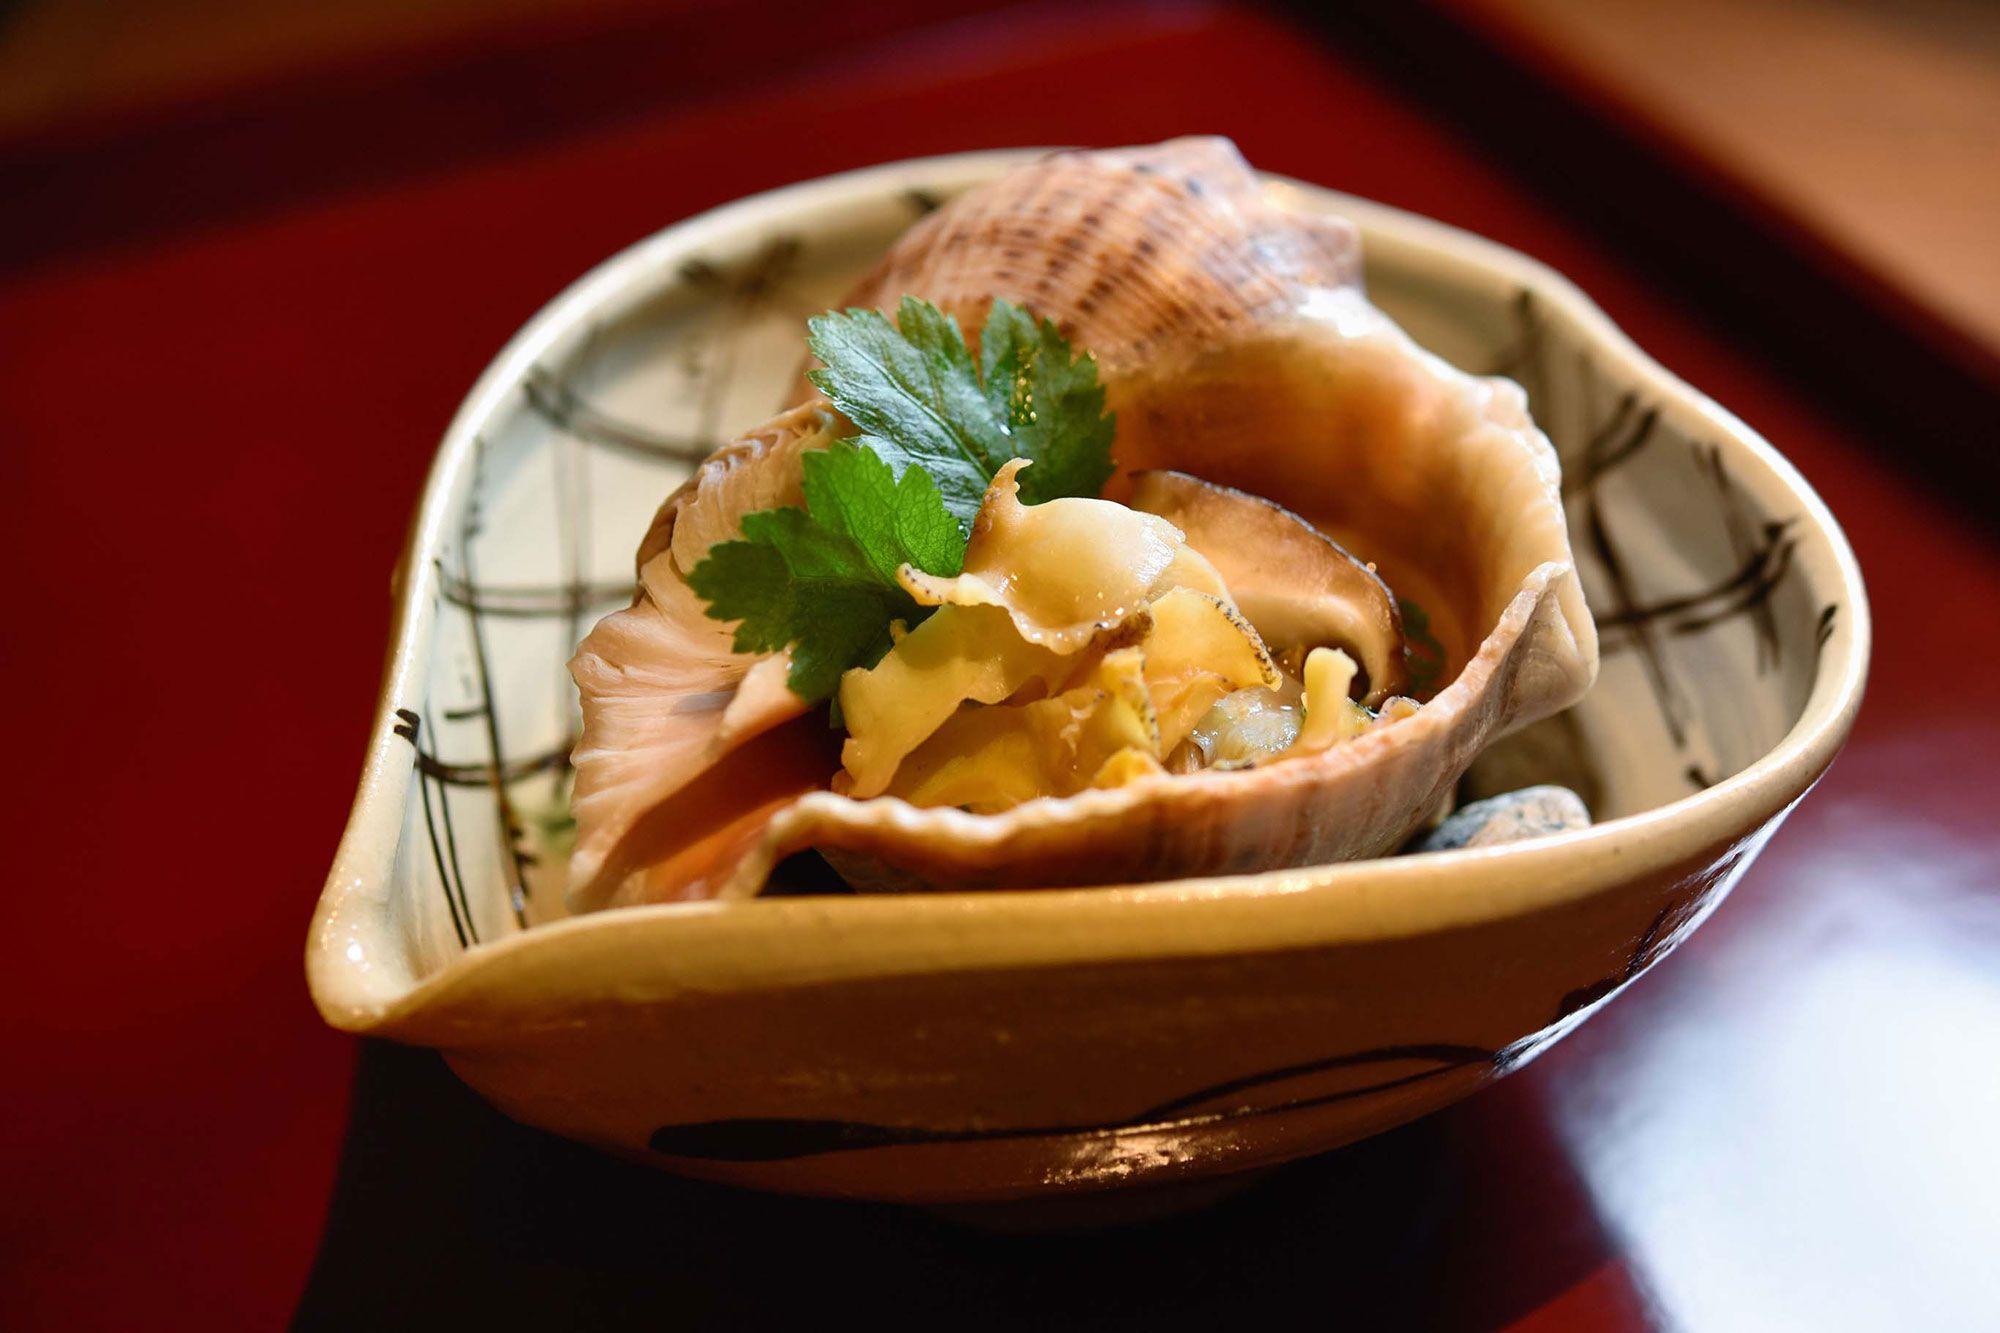 瀬戸内海で採れた「にし貝」。貝の出汁をまとったそうめんが下に隠れている。